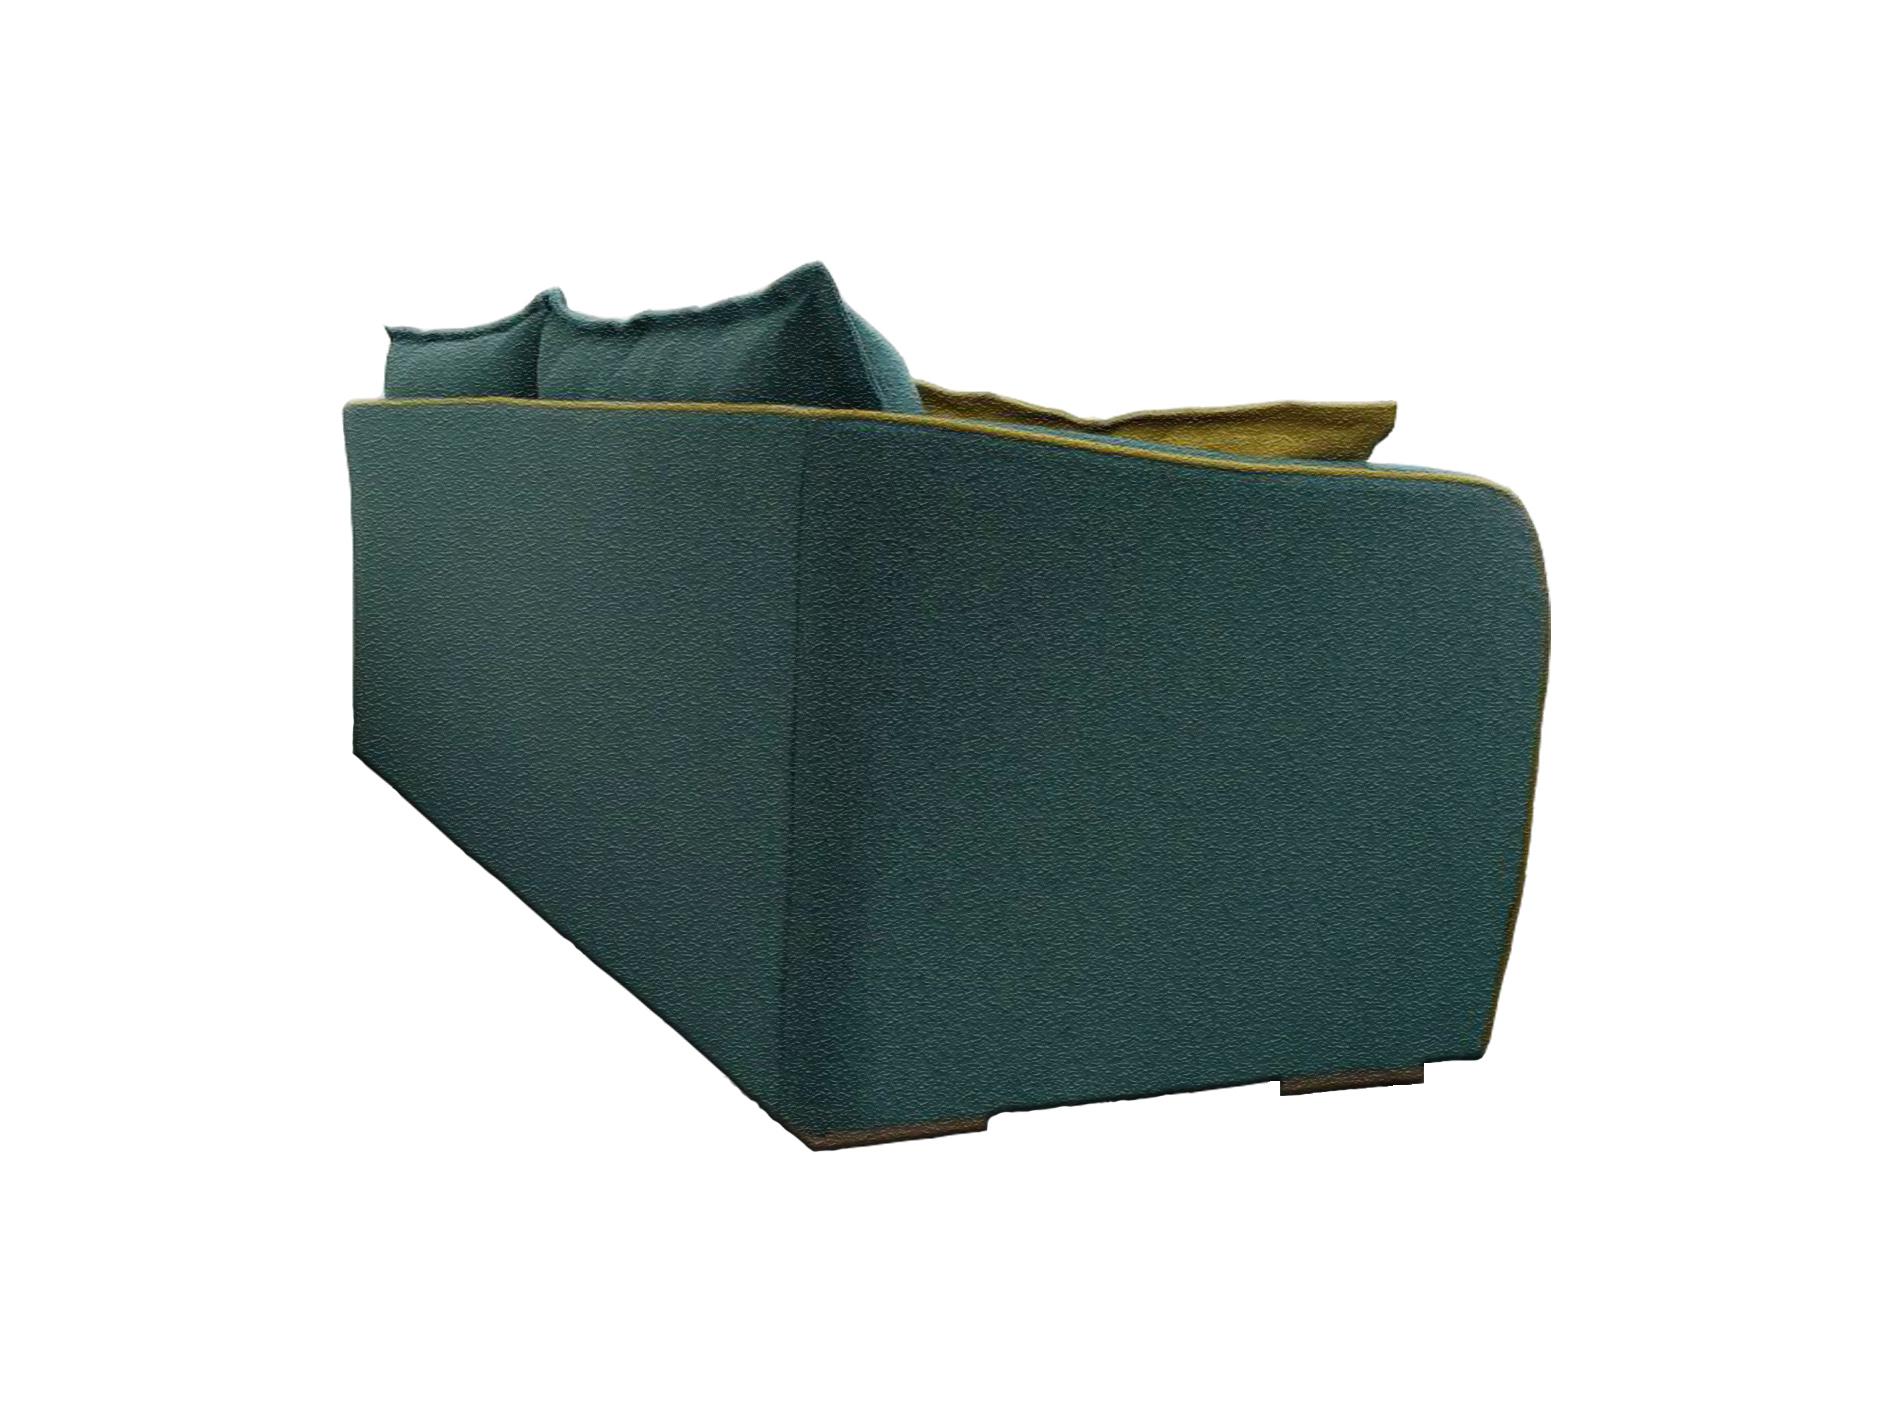 Valerio Designer Italian Fabric Sofa 3321 3 Seater